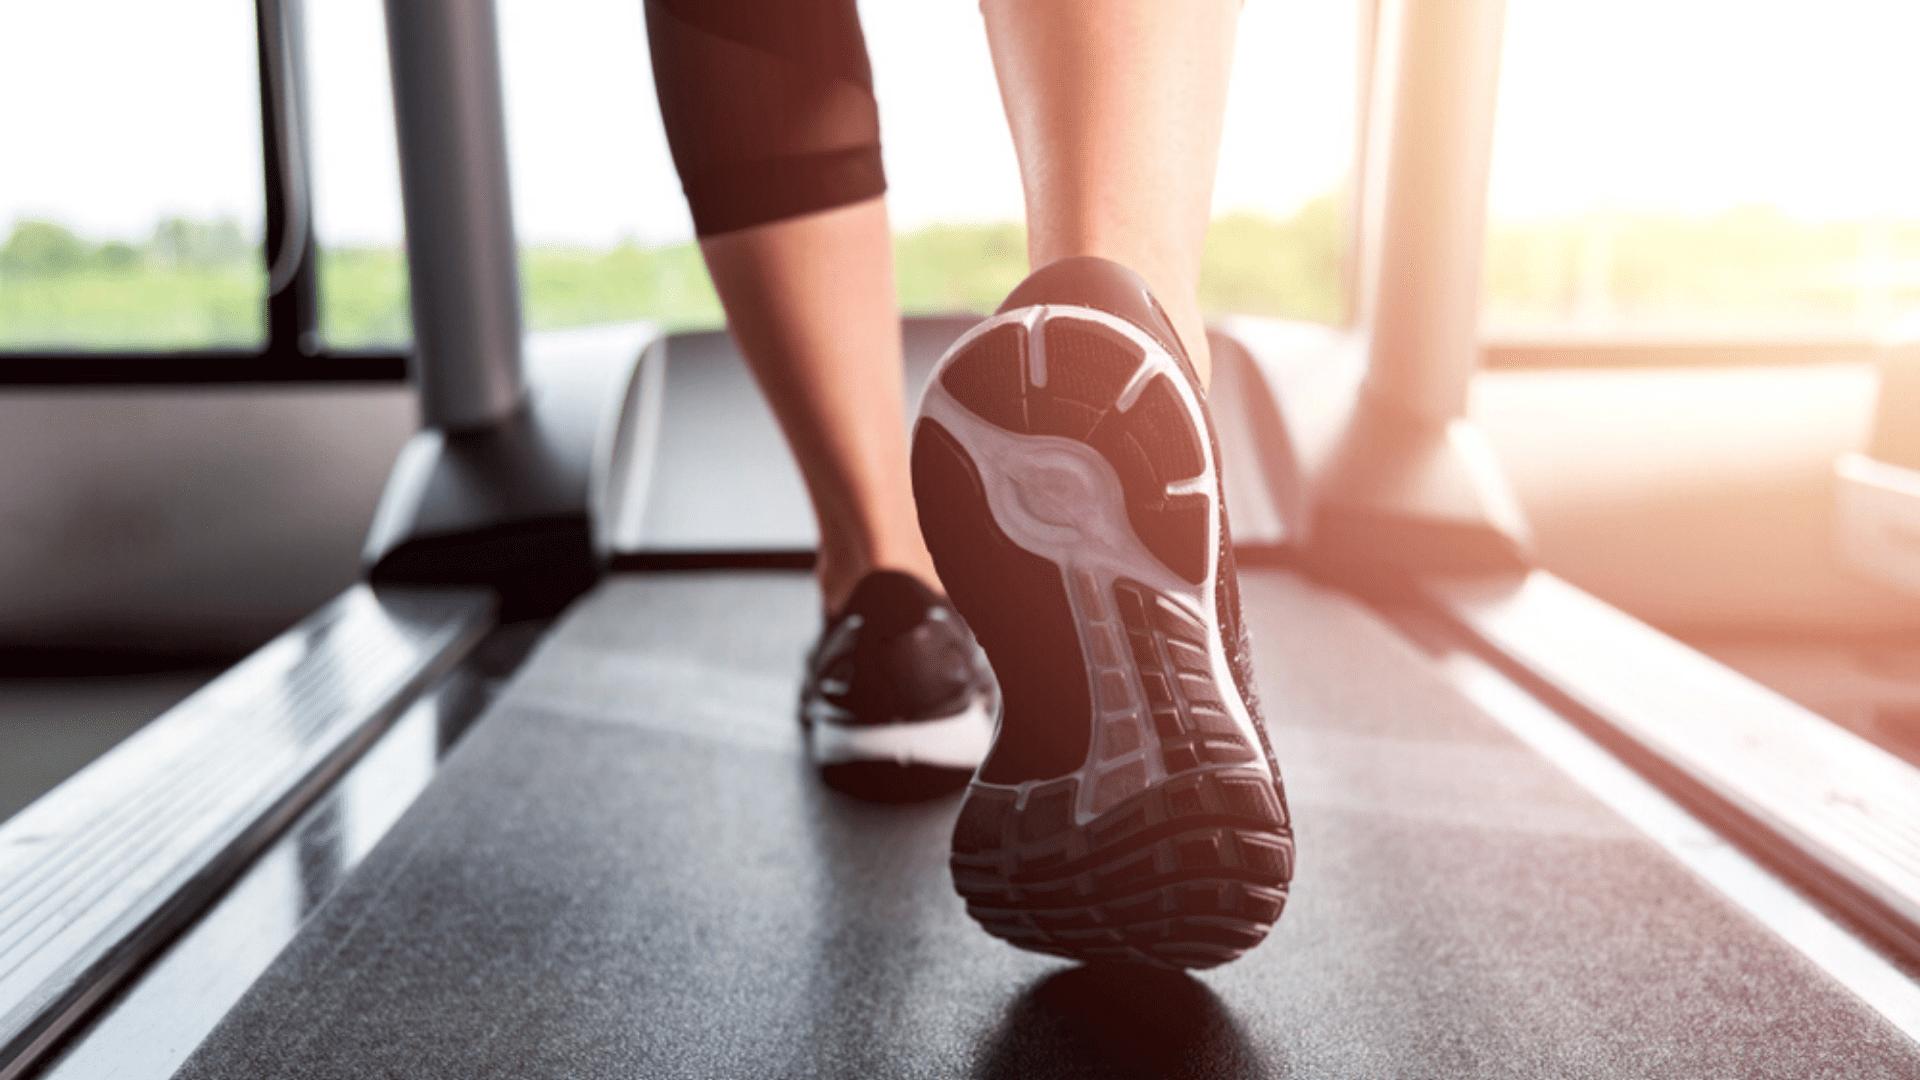 Para correr na esteira, o ideal é focar em amortecimento e estabilidade (Imagem: Reprodução/Shutterstock)